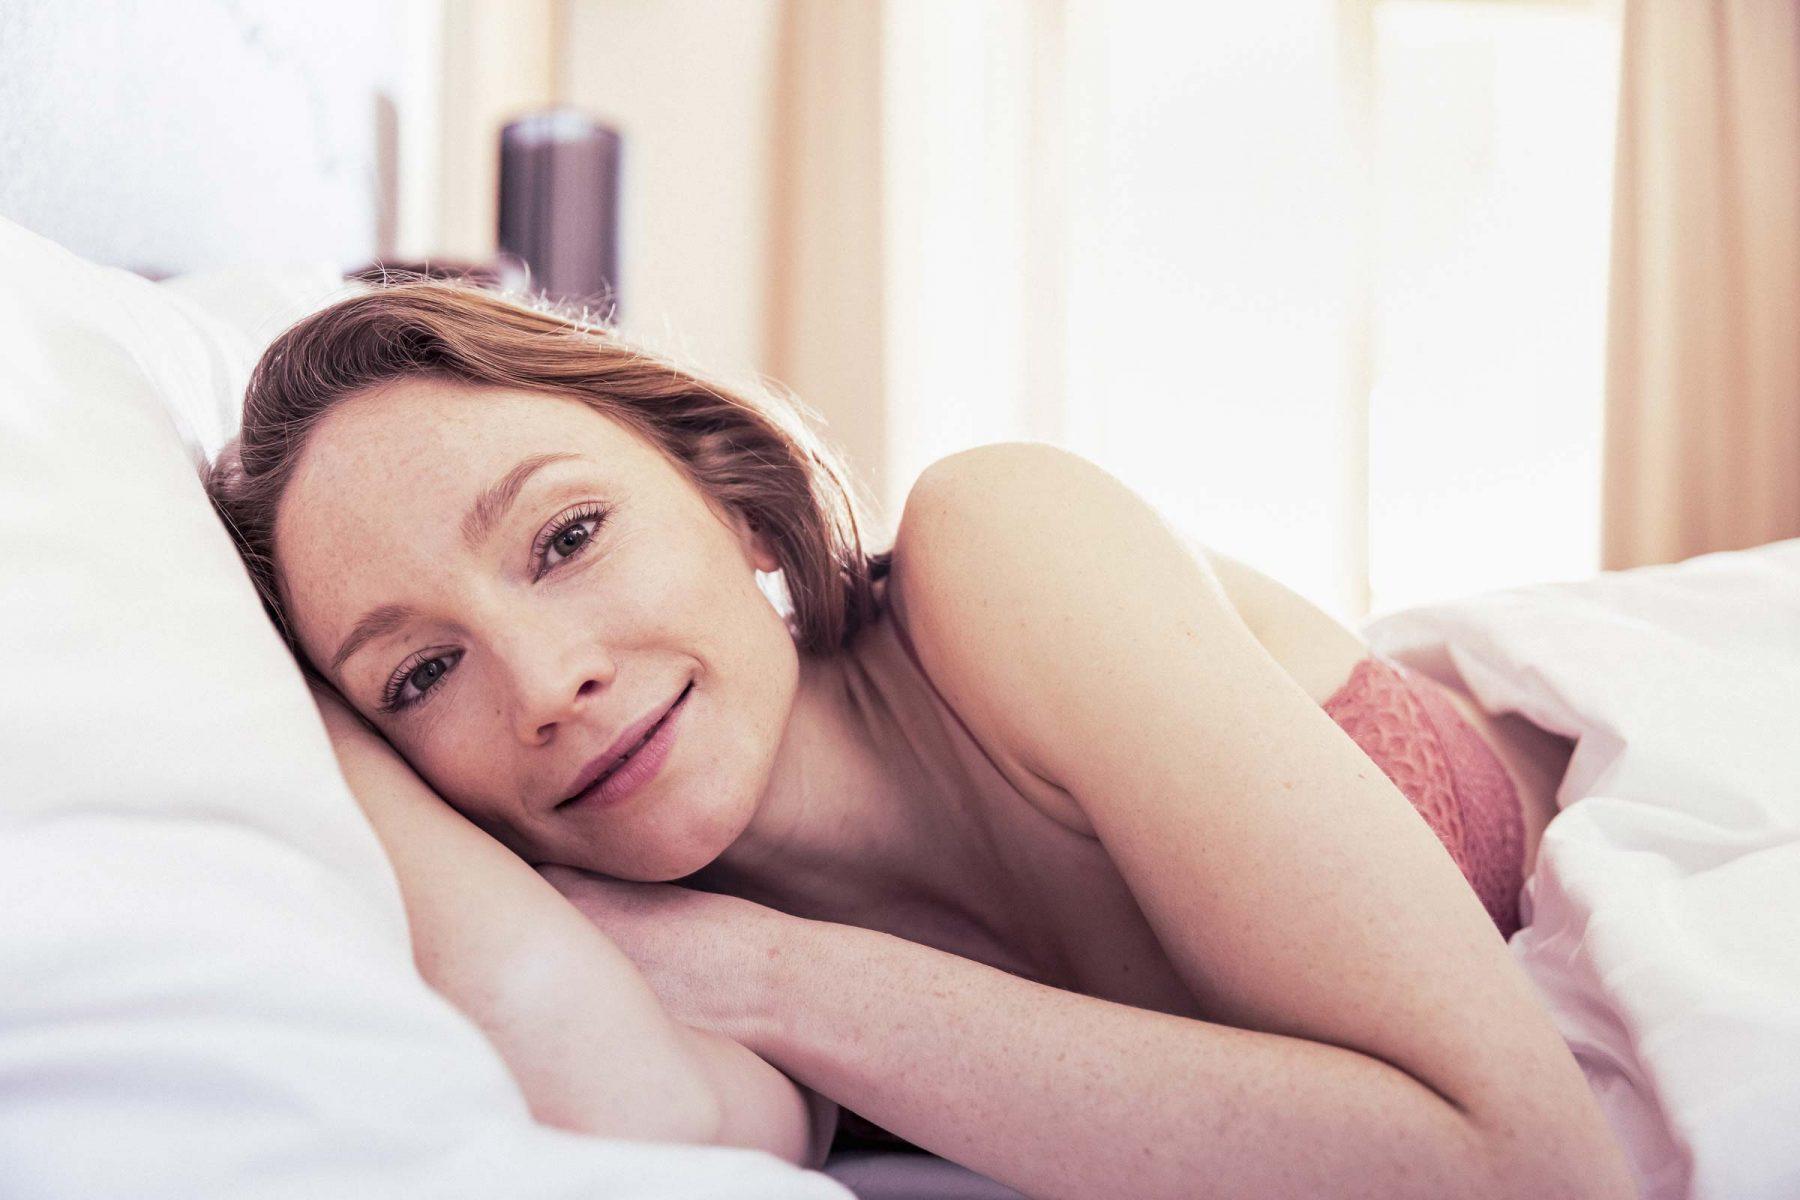 Frau schaut direkt in die Kamera während sie im Bett liegt. Tirol Lodge - Derek Henthorn - Fotograf München